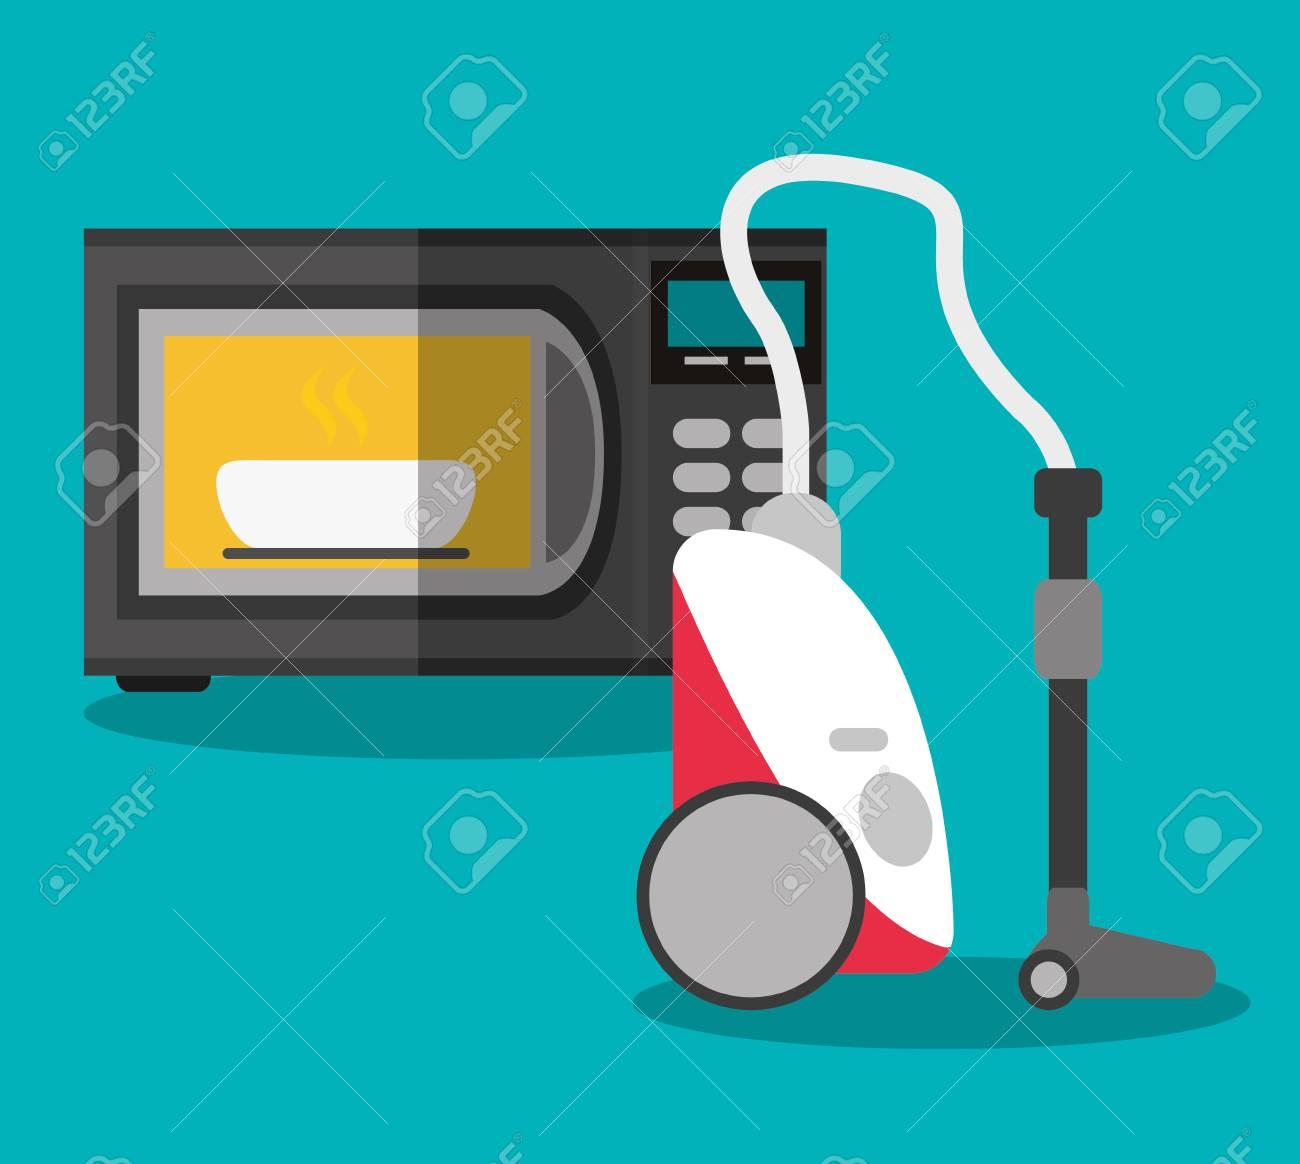 Mikrowelle Und Vakuum-Symbol. Elektronische Geräte Und Zubehör Für ...